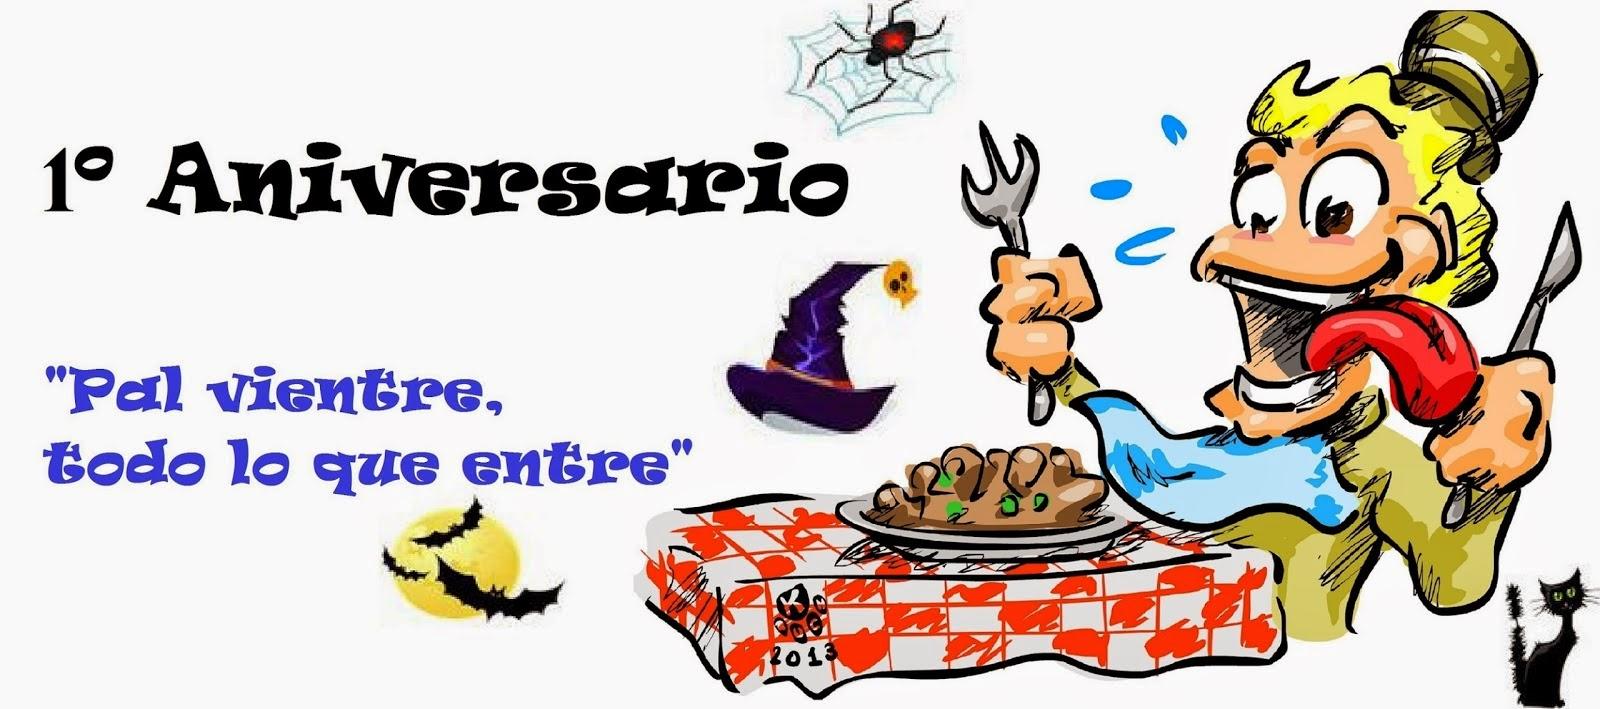 http://palvientretodoloqueentre.blogspot.com.es/2013/10/y-la-ganadora-del-concurso-halloween-es.html